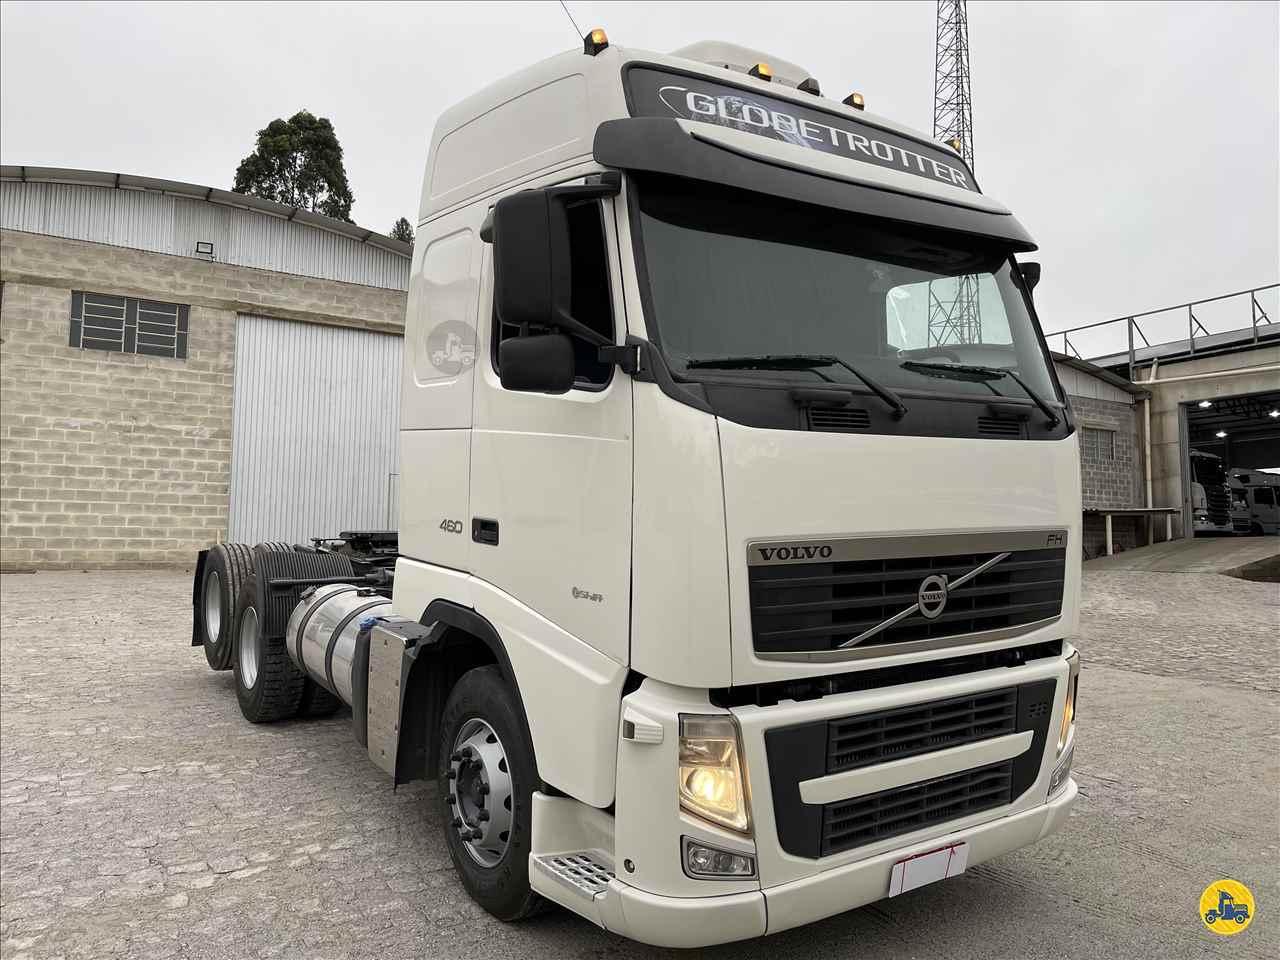 CAMINHAO VOLVO VOLVO FH 460 Cavalo Mecânico Truck 6x2 Rodricardo Caminhões COLOMBO PARANÁ PR